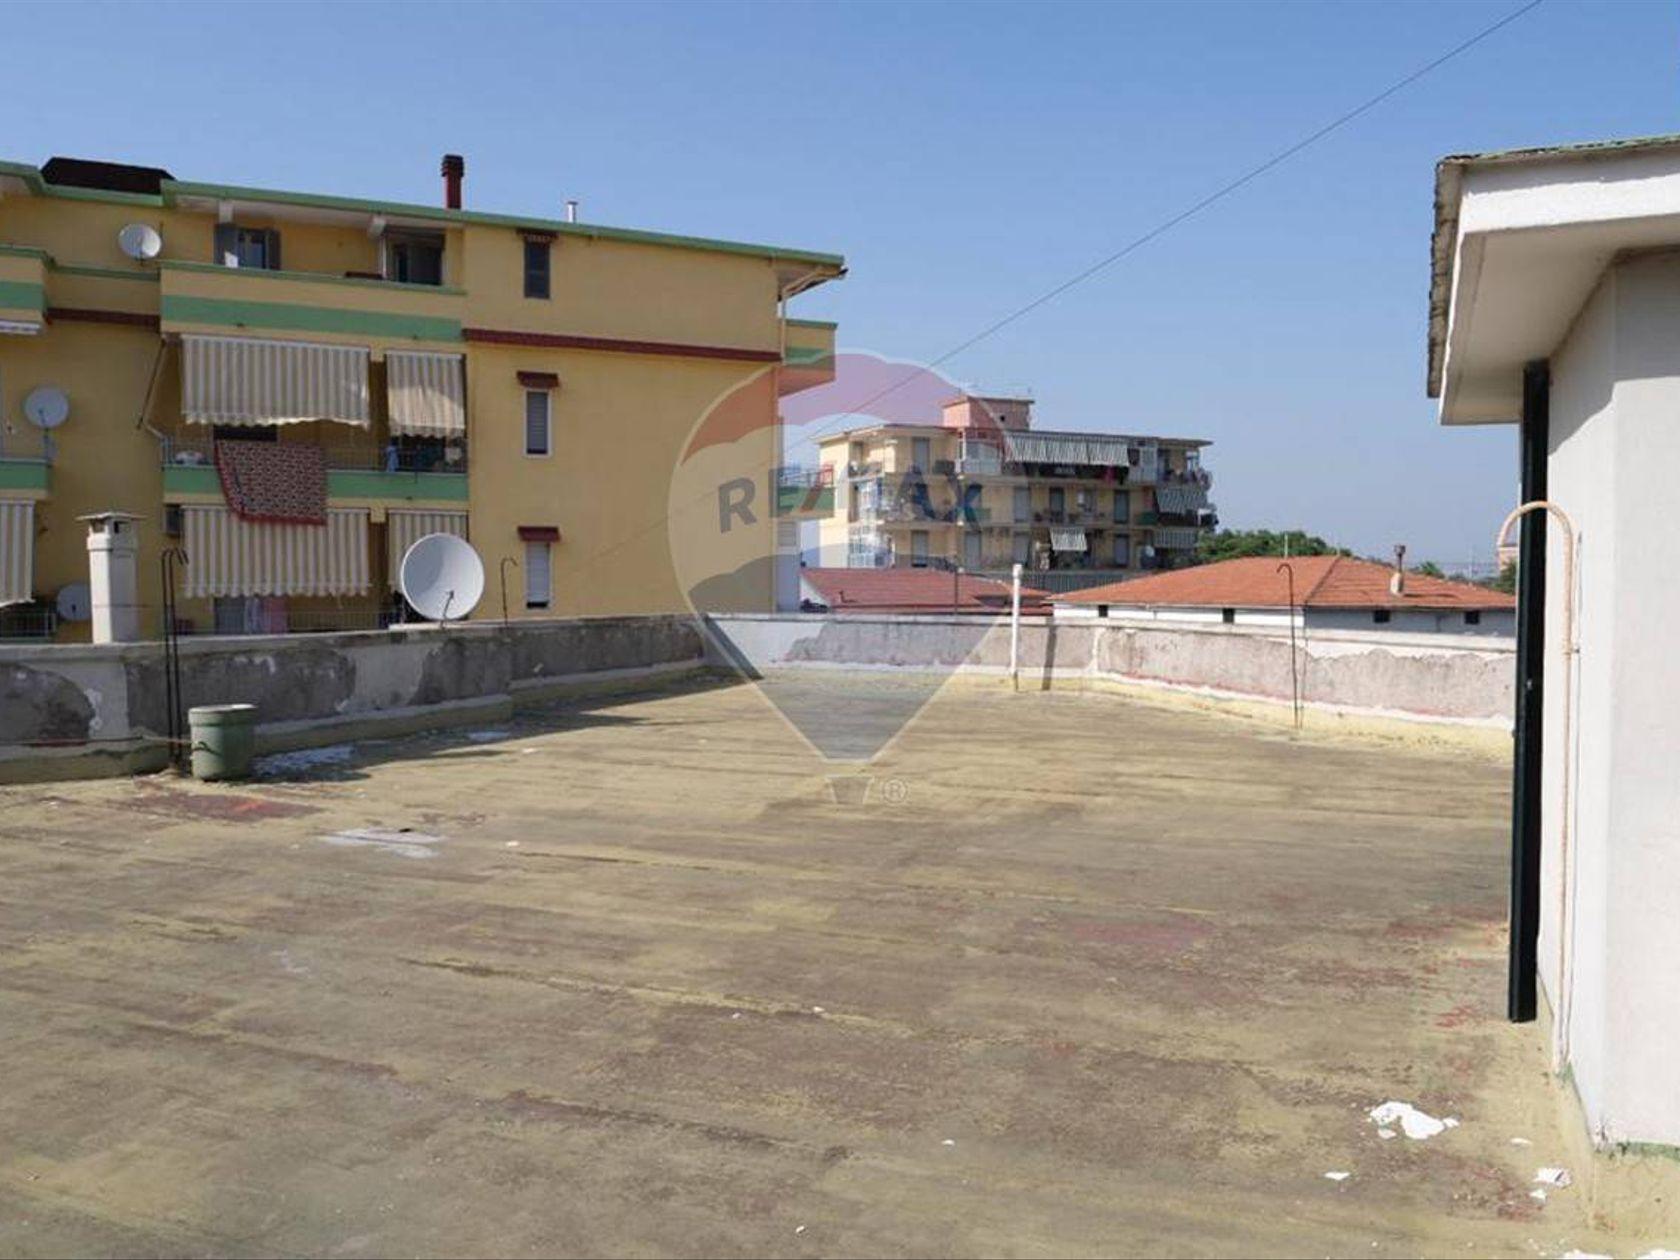 Casa Indipendente Zona stazione, Aversa, CE Vendita - Foto 24